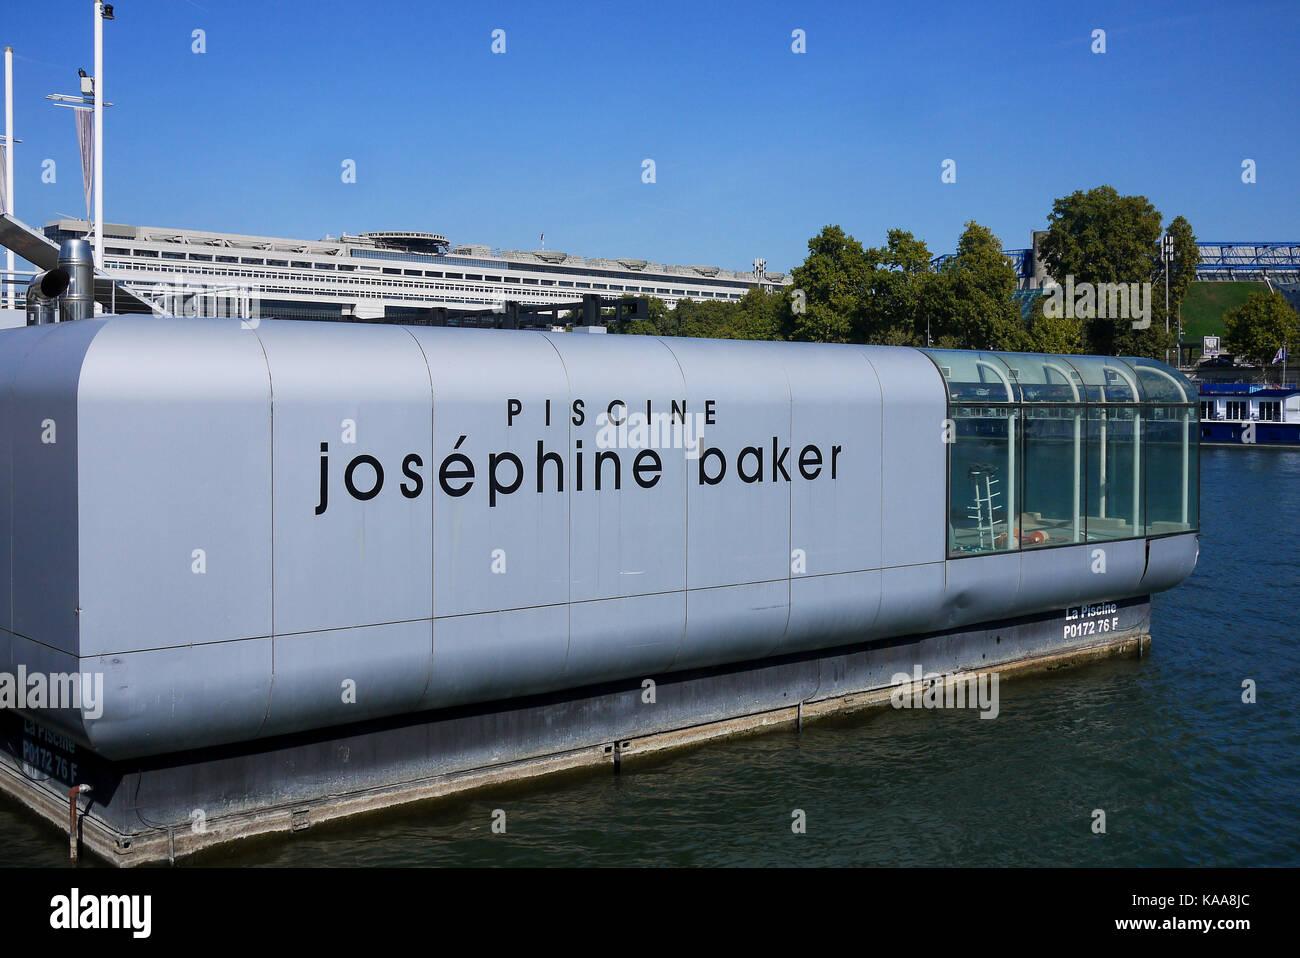 Josephine baker paris stock photos josephine baker paris for Josephine baker pool paris